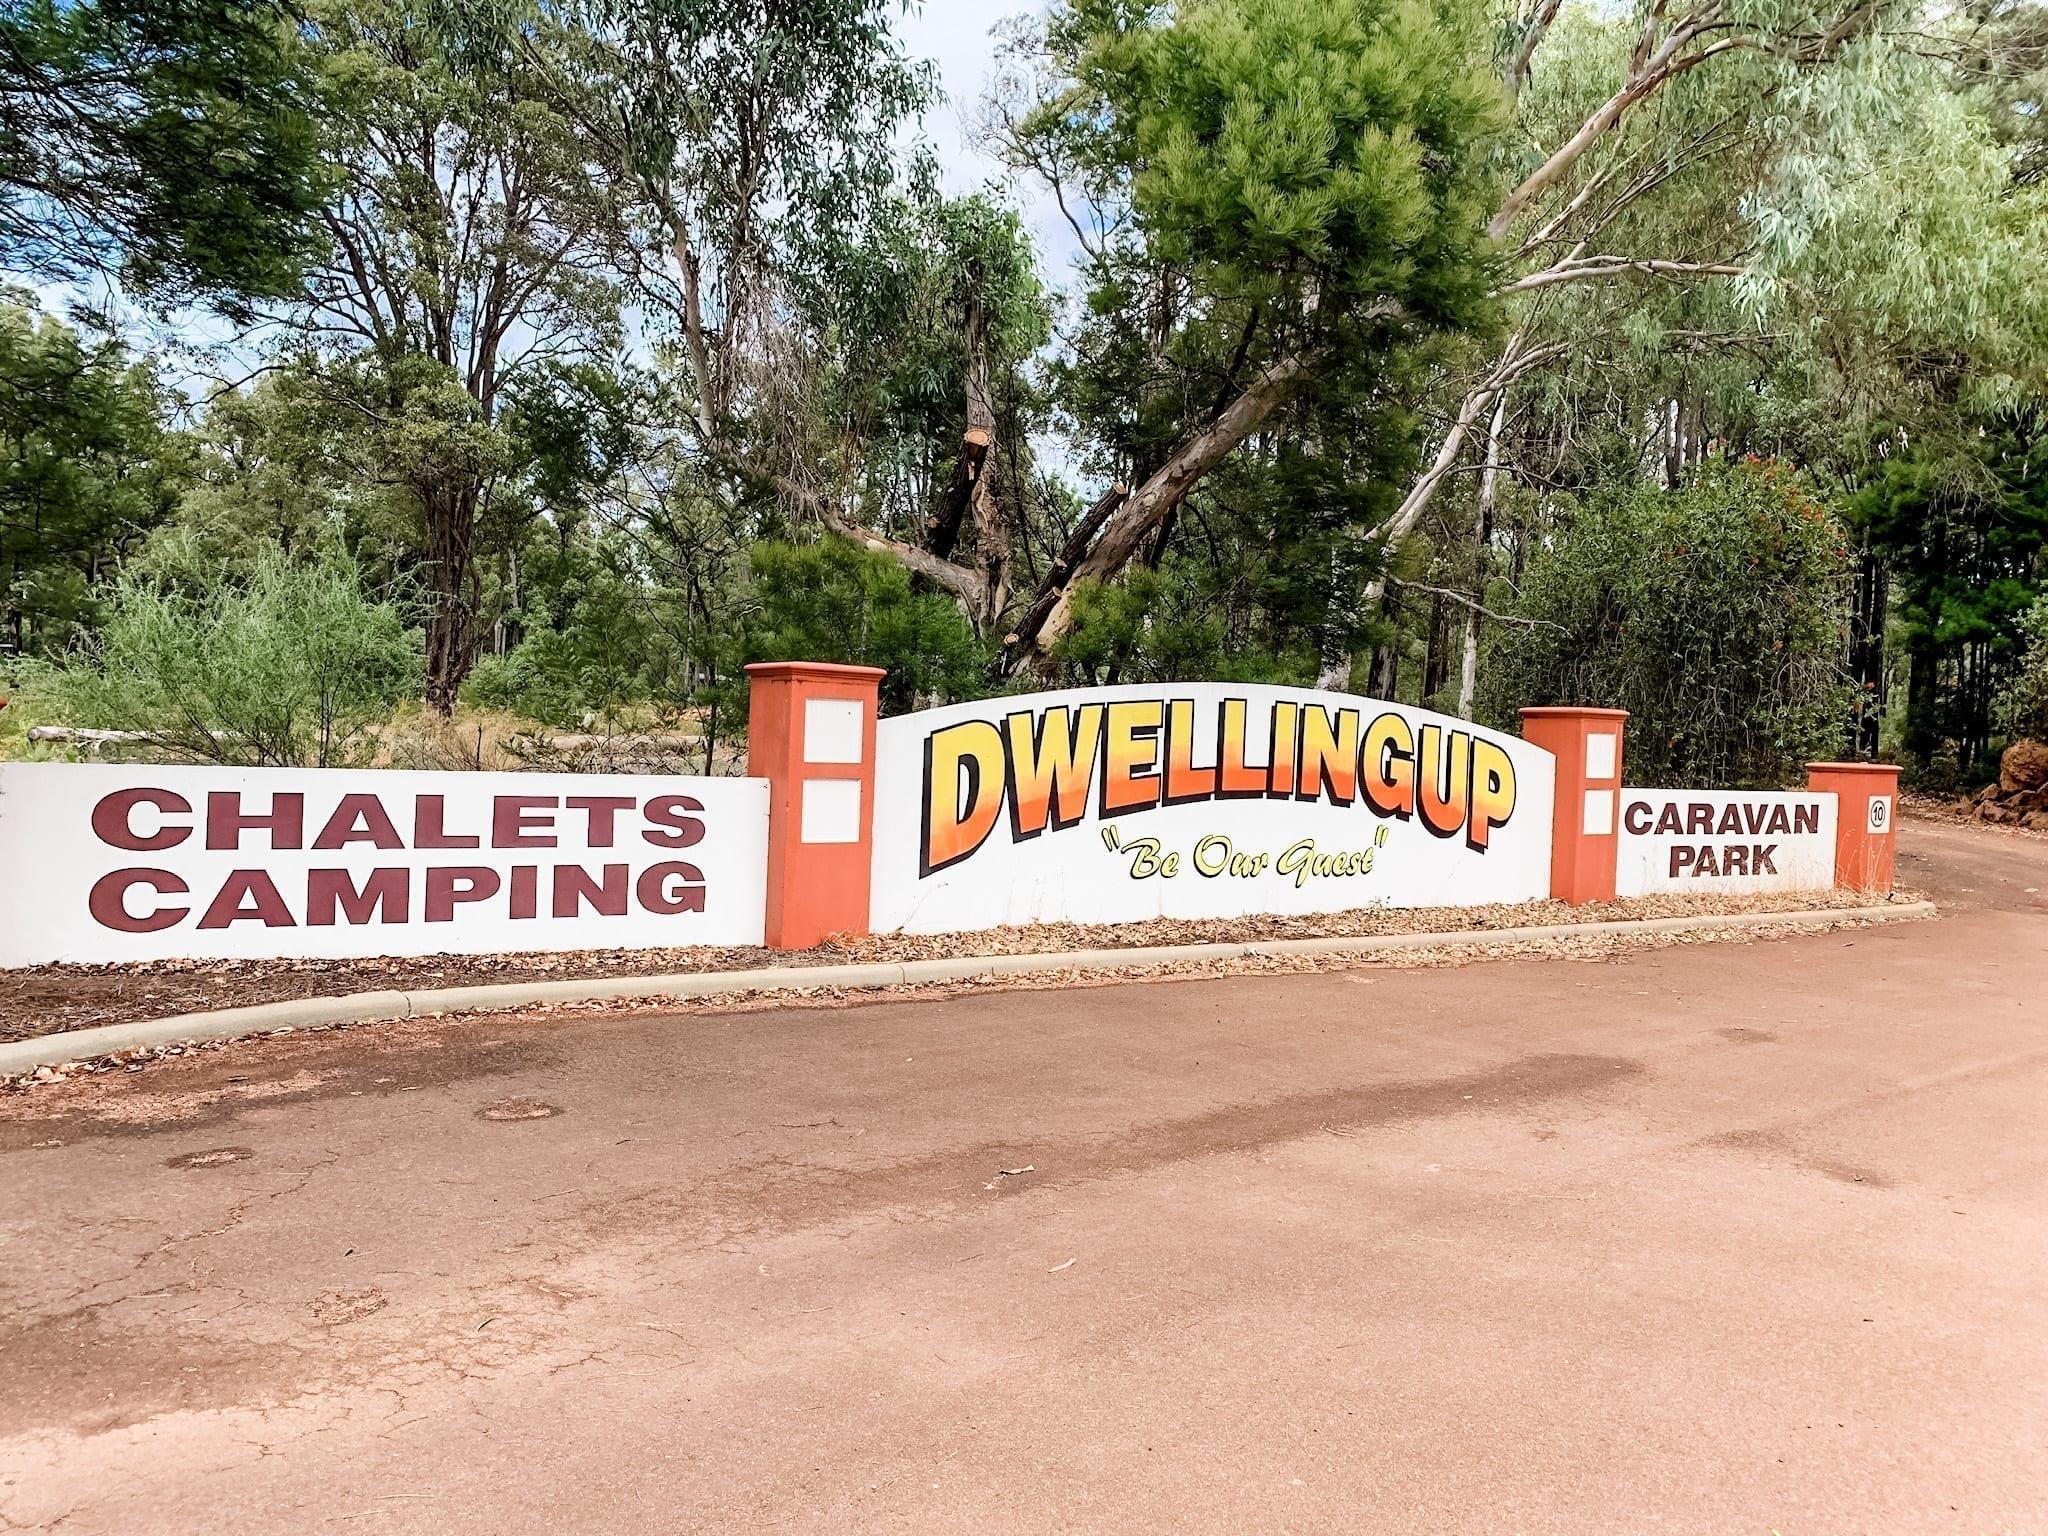 Dwellingup Chalets and Caravan Park